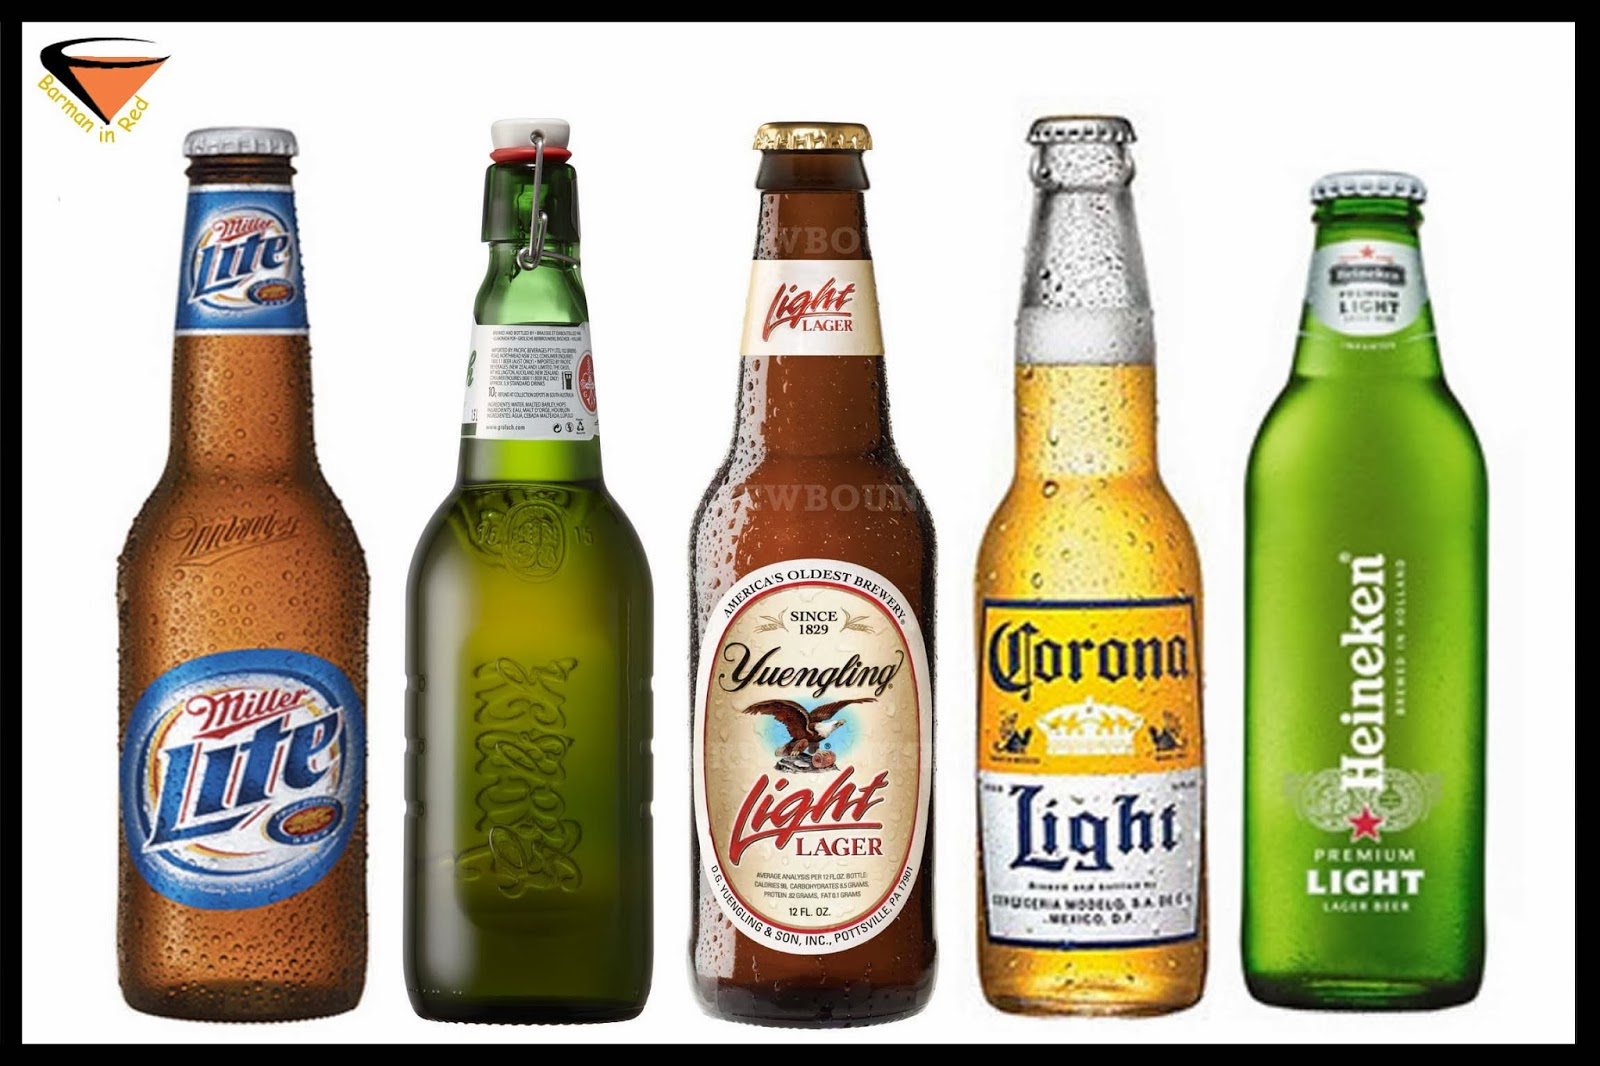 Las 10 cervezas que menos engordan